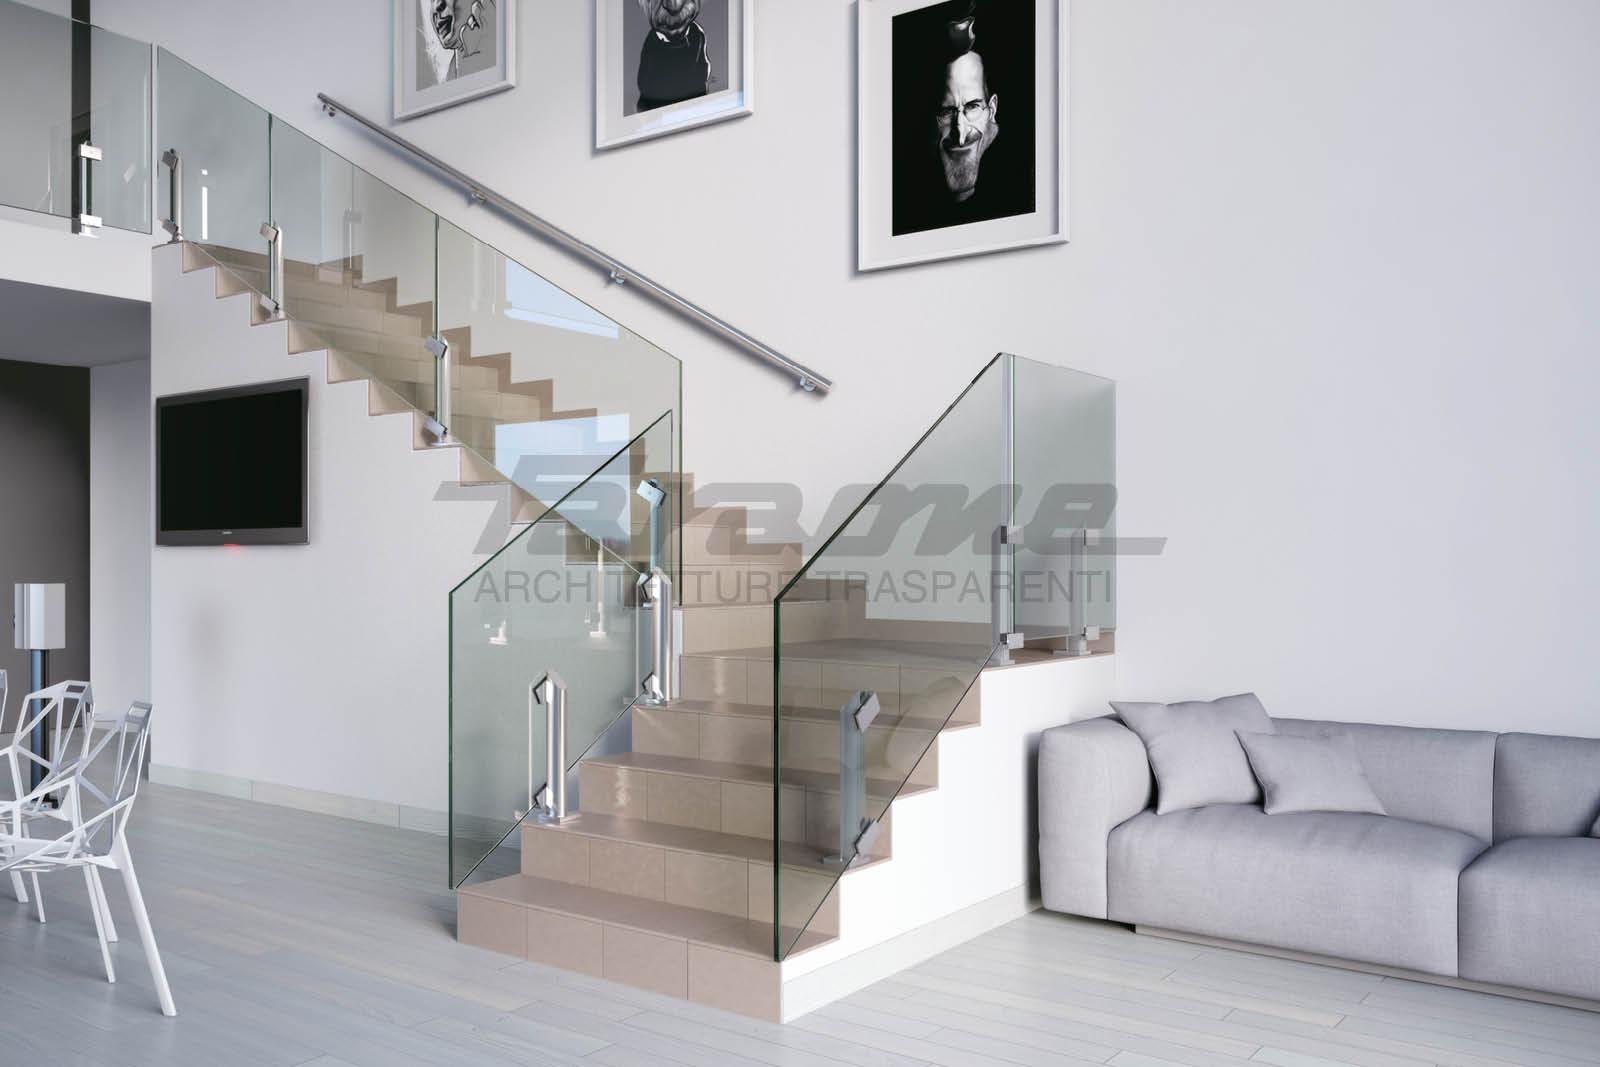 balaustre vetro alluminio Maior 60 Vision